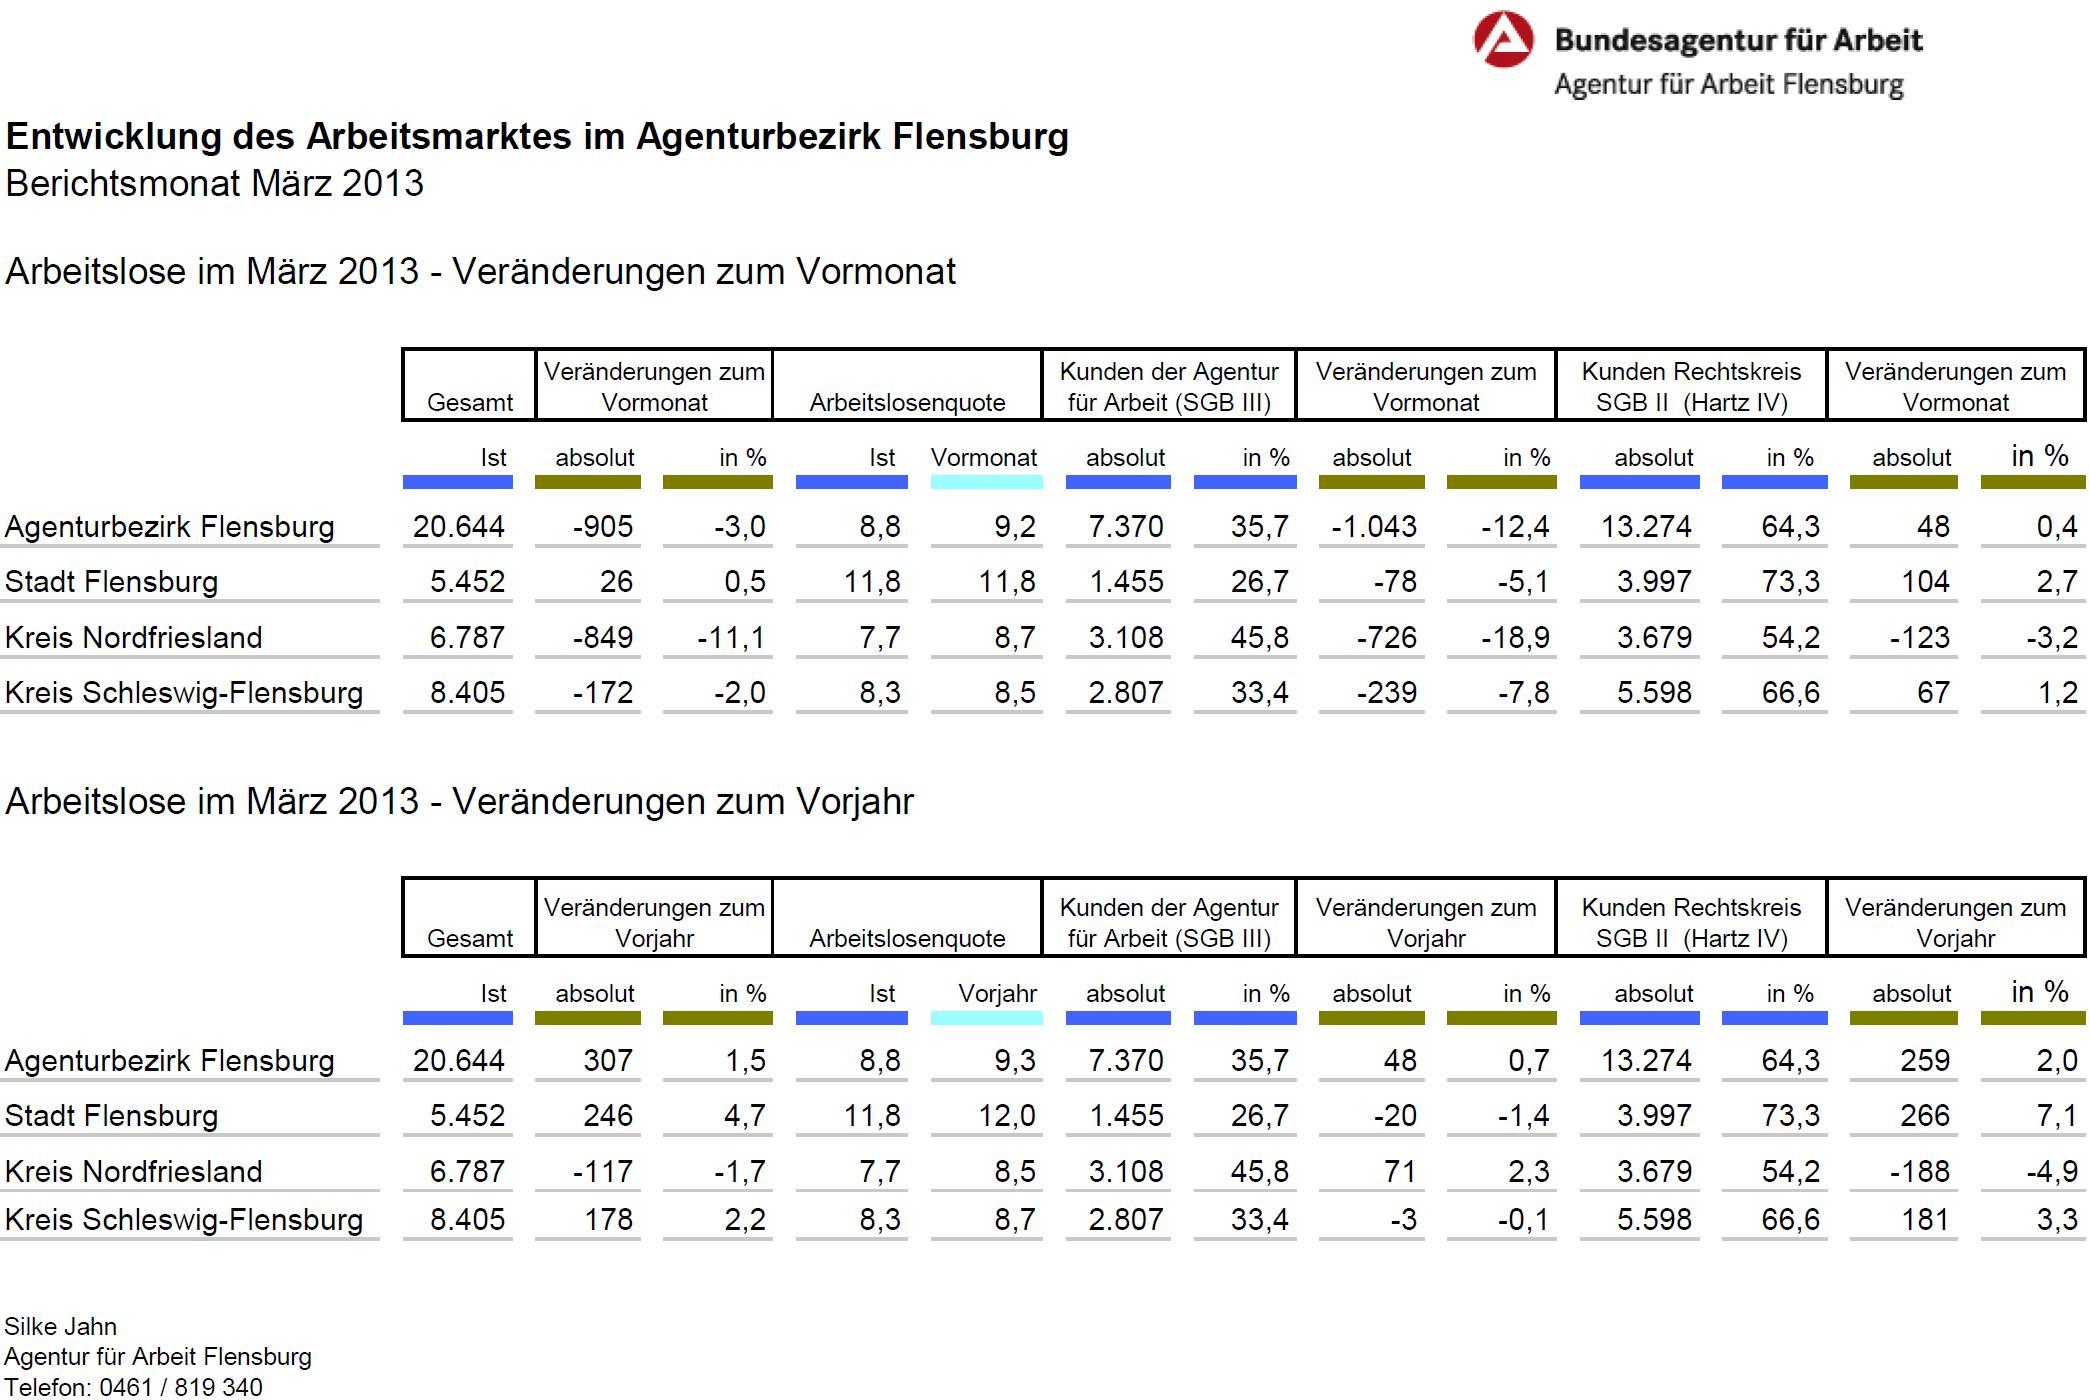 Agenturbezirk Flensburg Arbeitslose März 2013